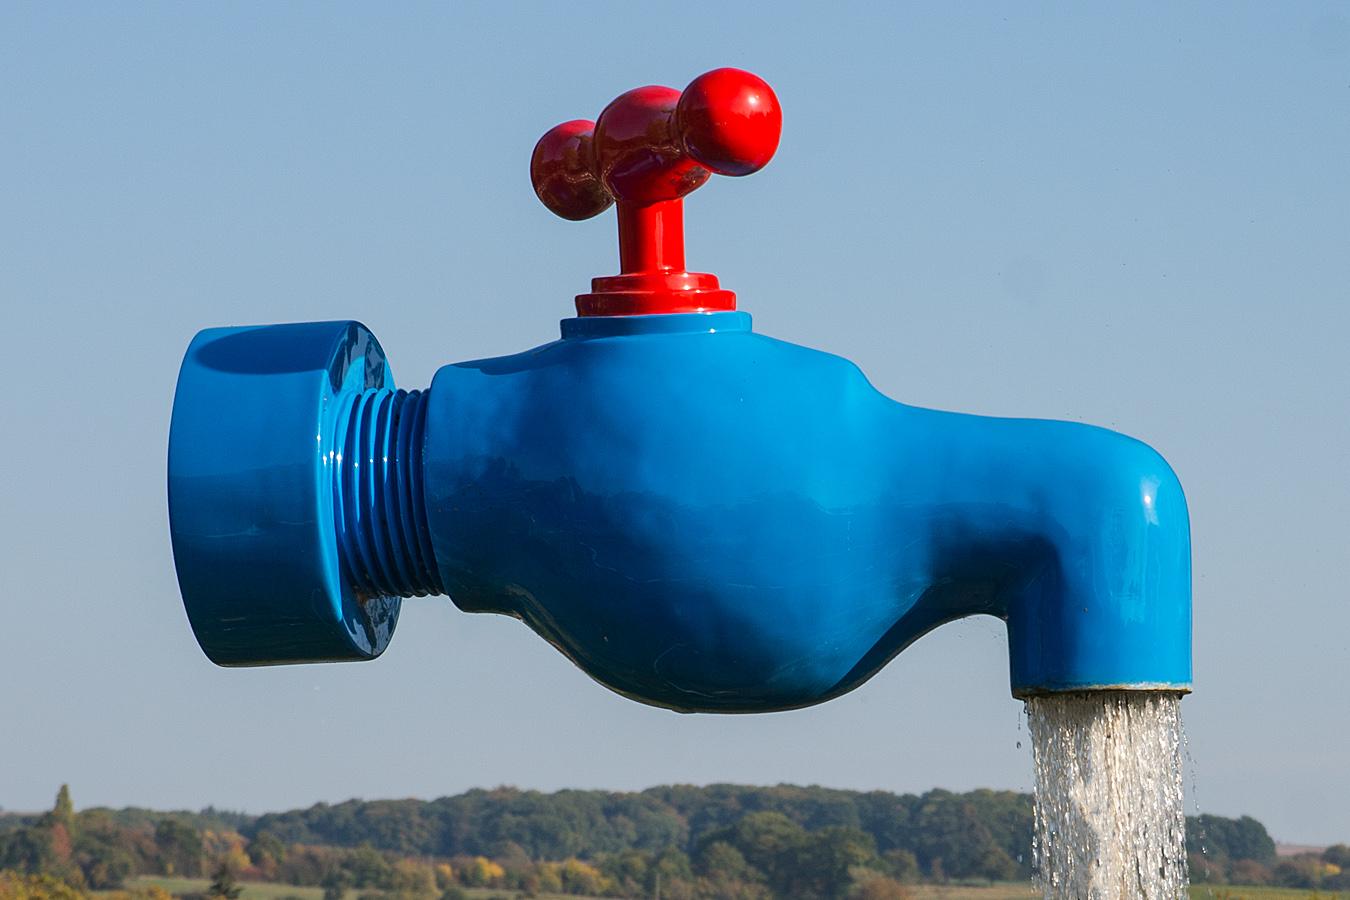 Wasser Hahn Foto Bild World Dokumentation Wasser Bilder Auf